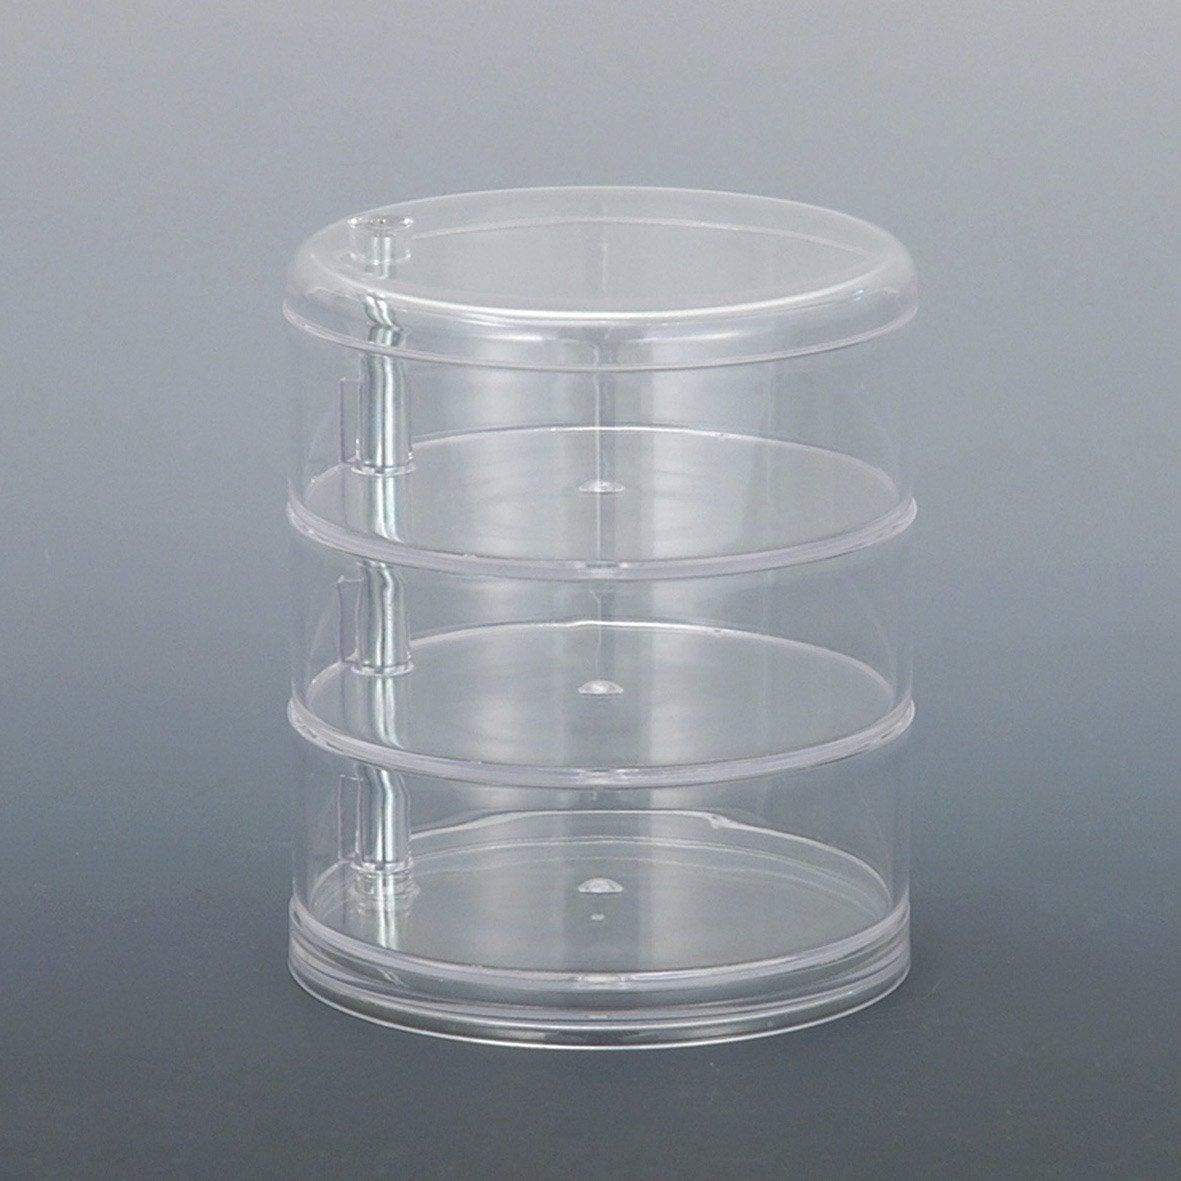 Boite de rangement beauty 3 niveaux pivotants transparent - Leroy merlin boite rangement ...